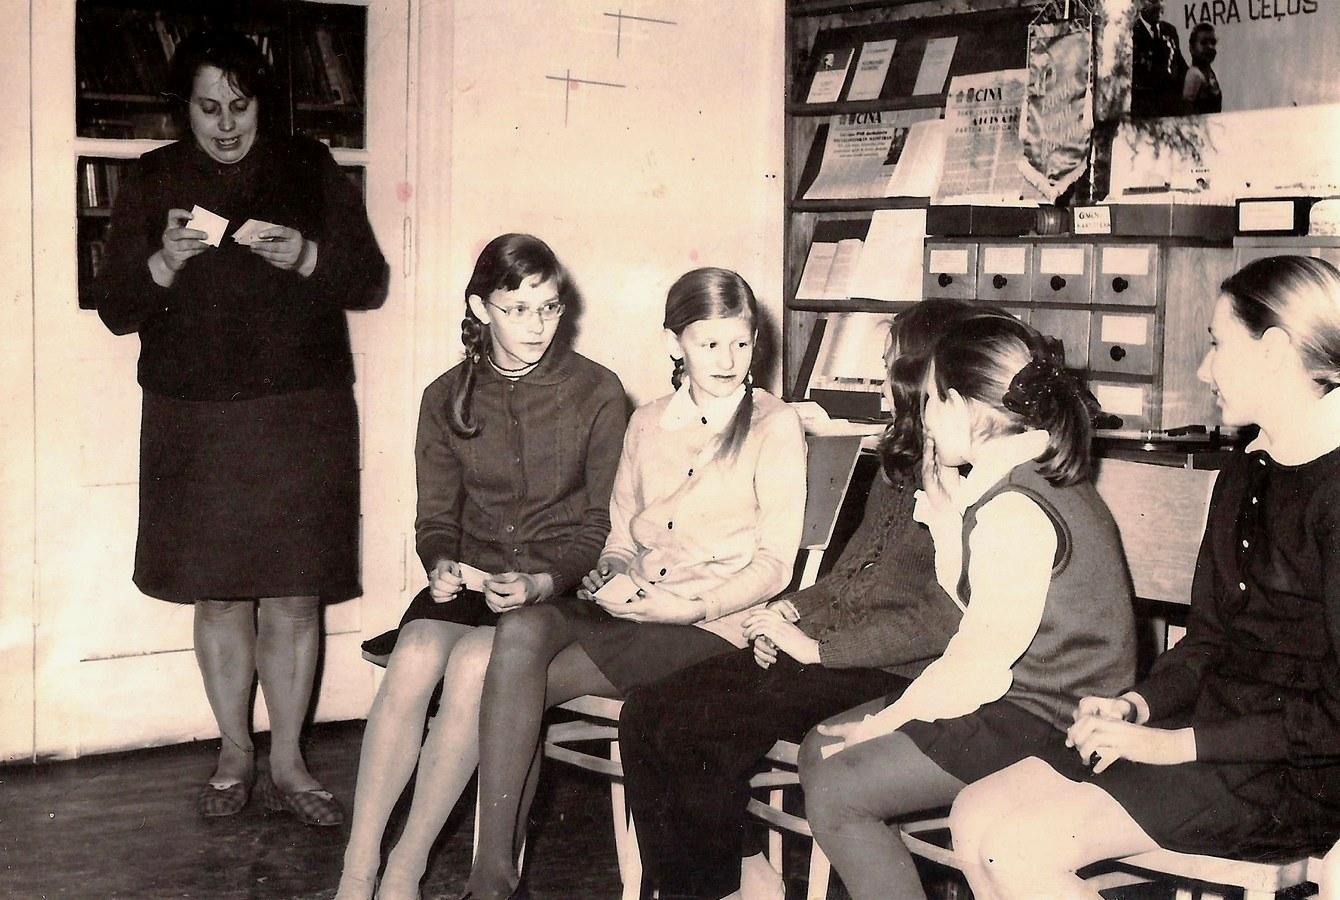 Pasākums skolēniem bibliotēkā ( 1970-tie gadi ) - 1